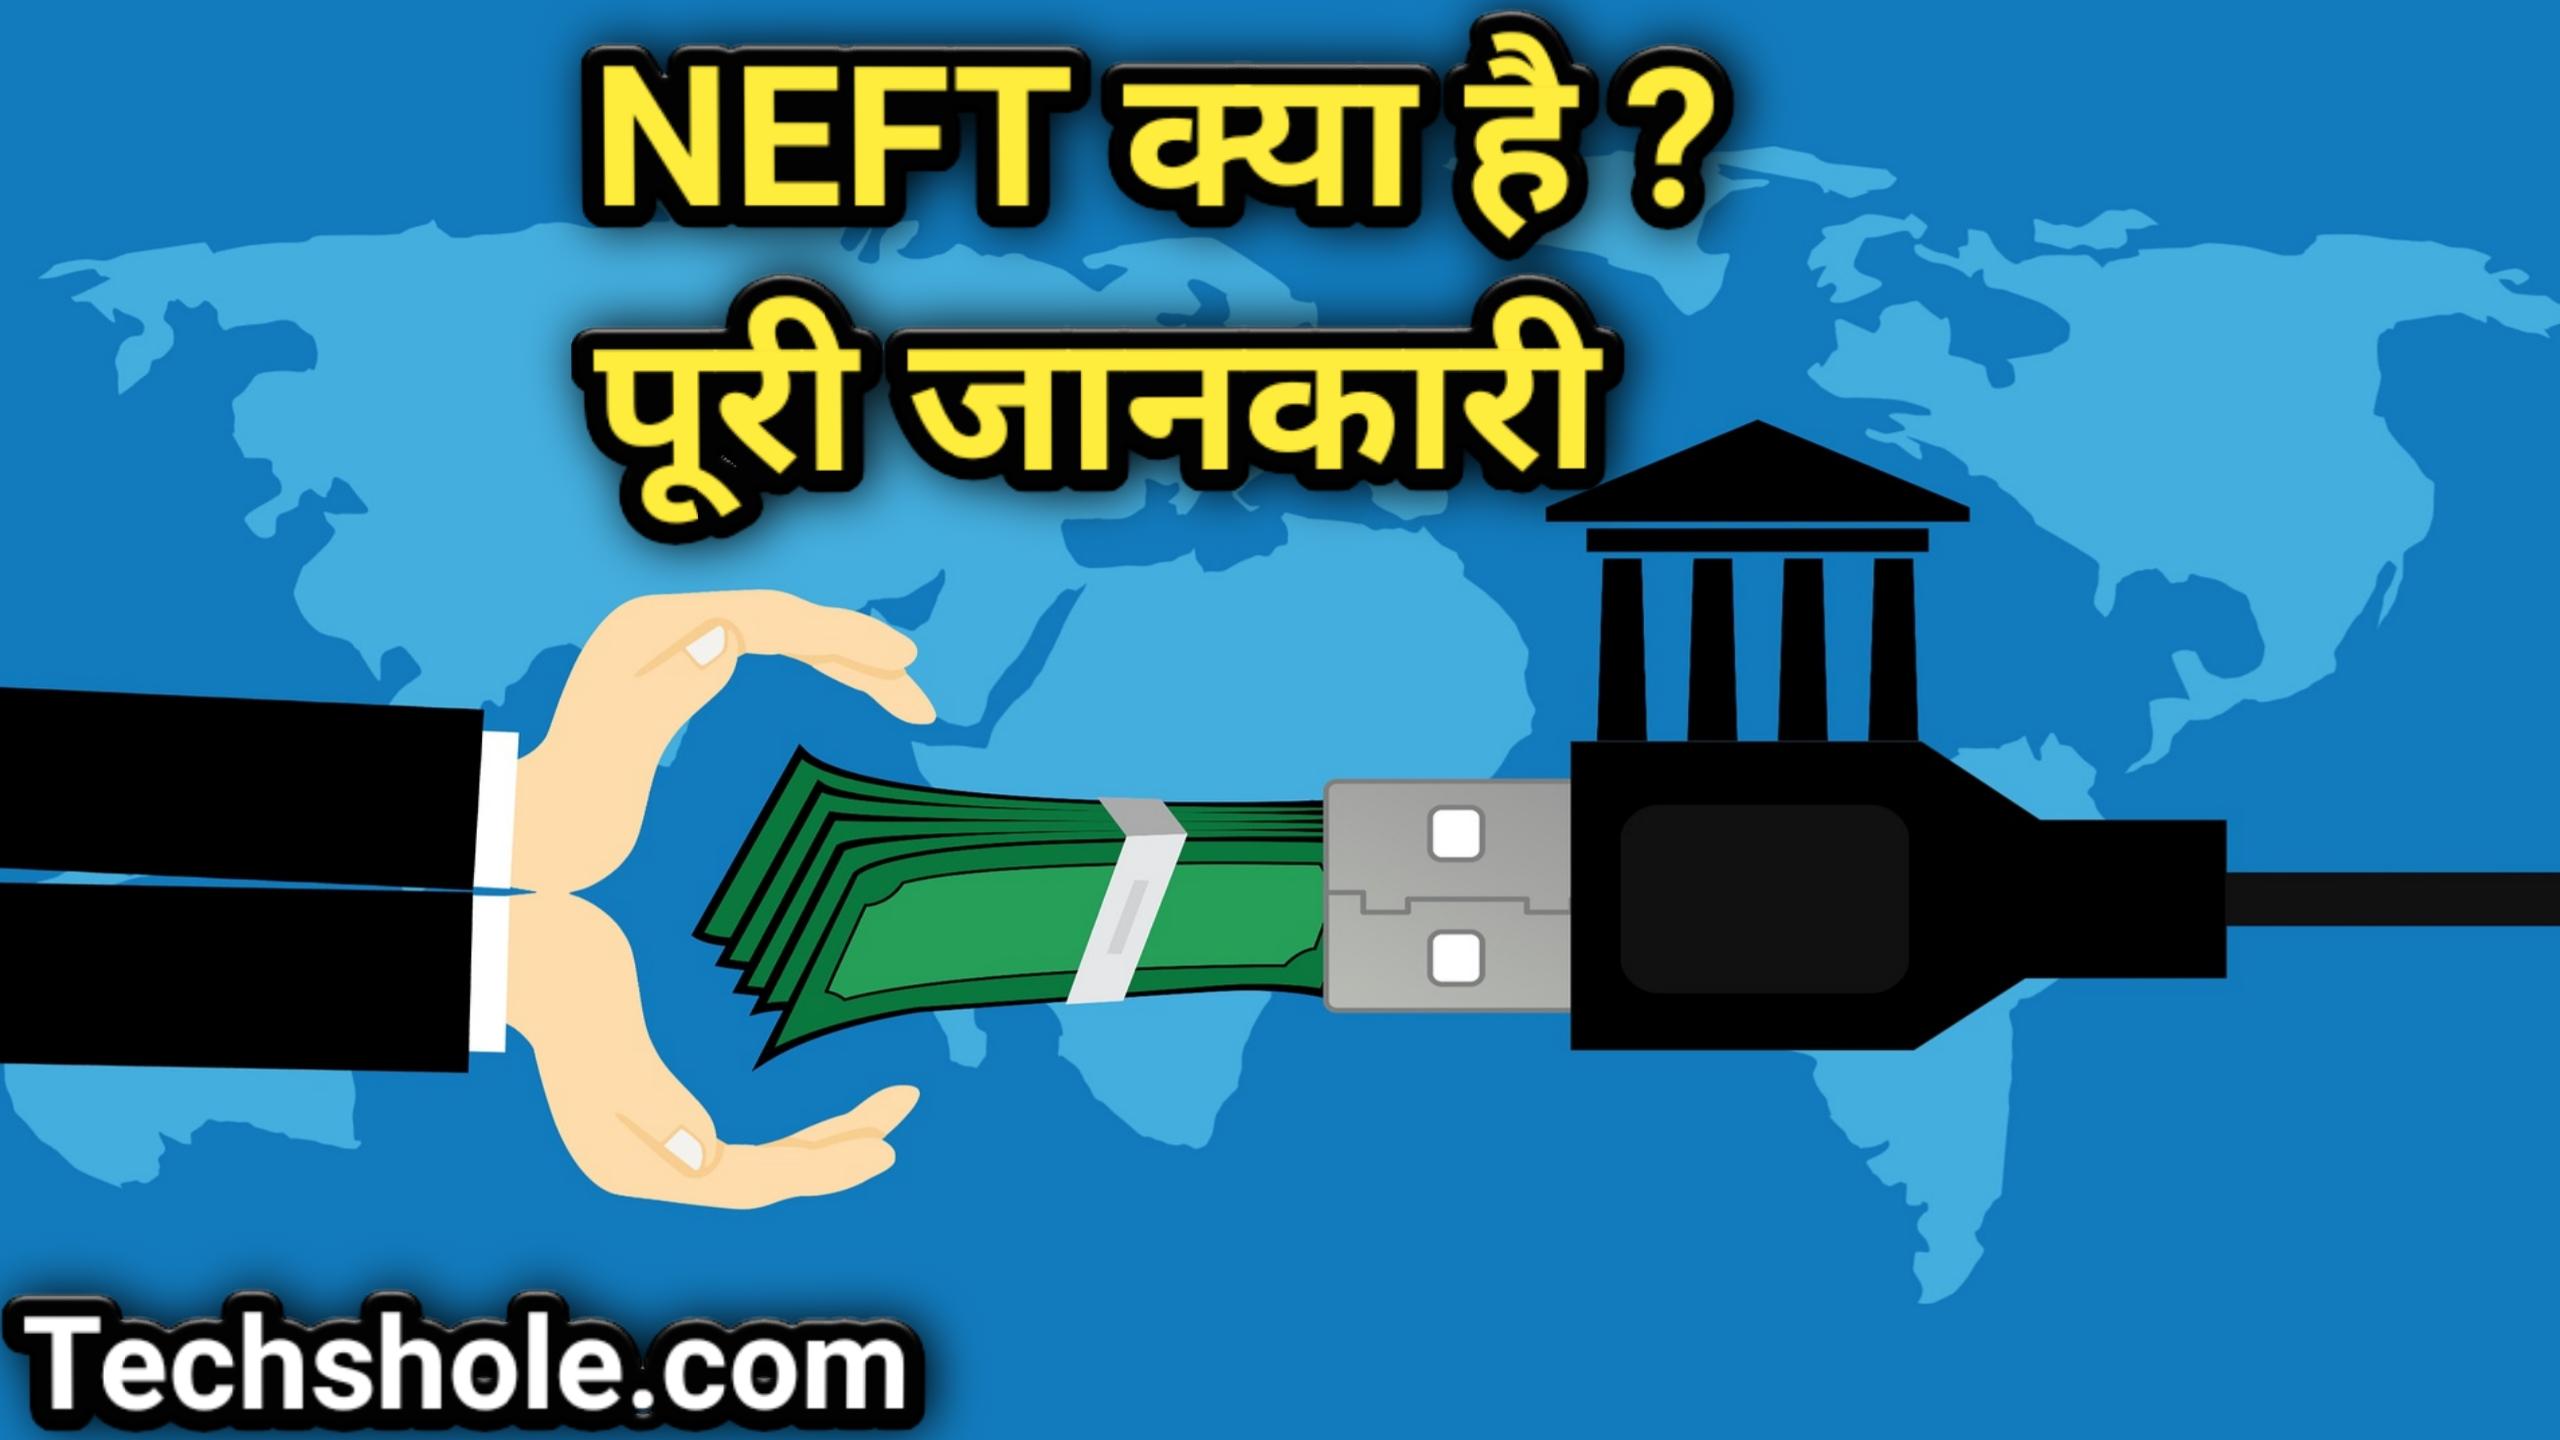 NEFT FULL FORM | NEFT क्या है और पैसे कैसे भेजे है? - हिंदी में